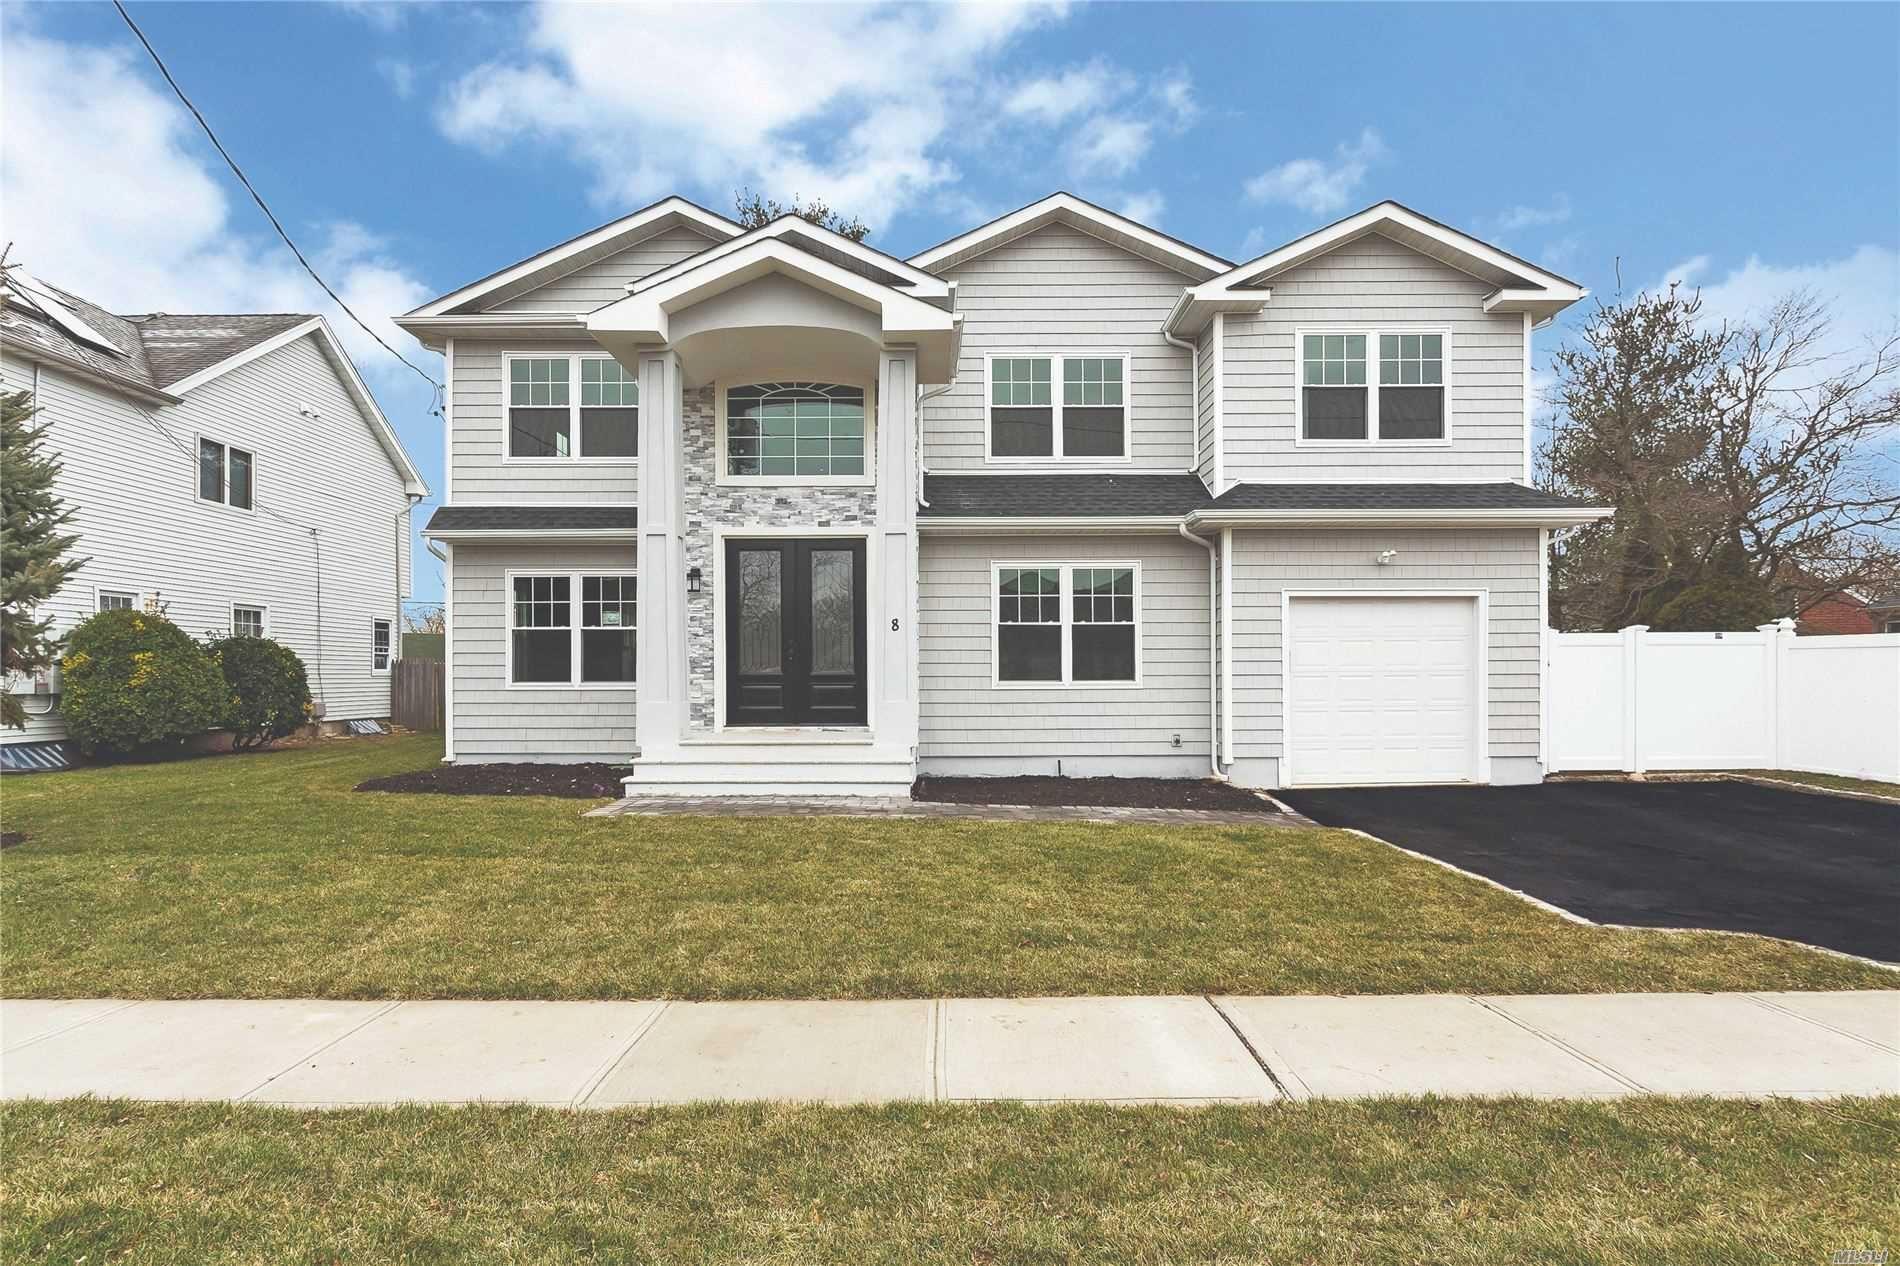 8 Magenta Street, Hicksville, NY 11801 - MLS#: 3188791